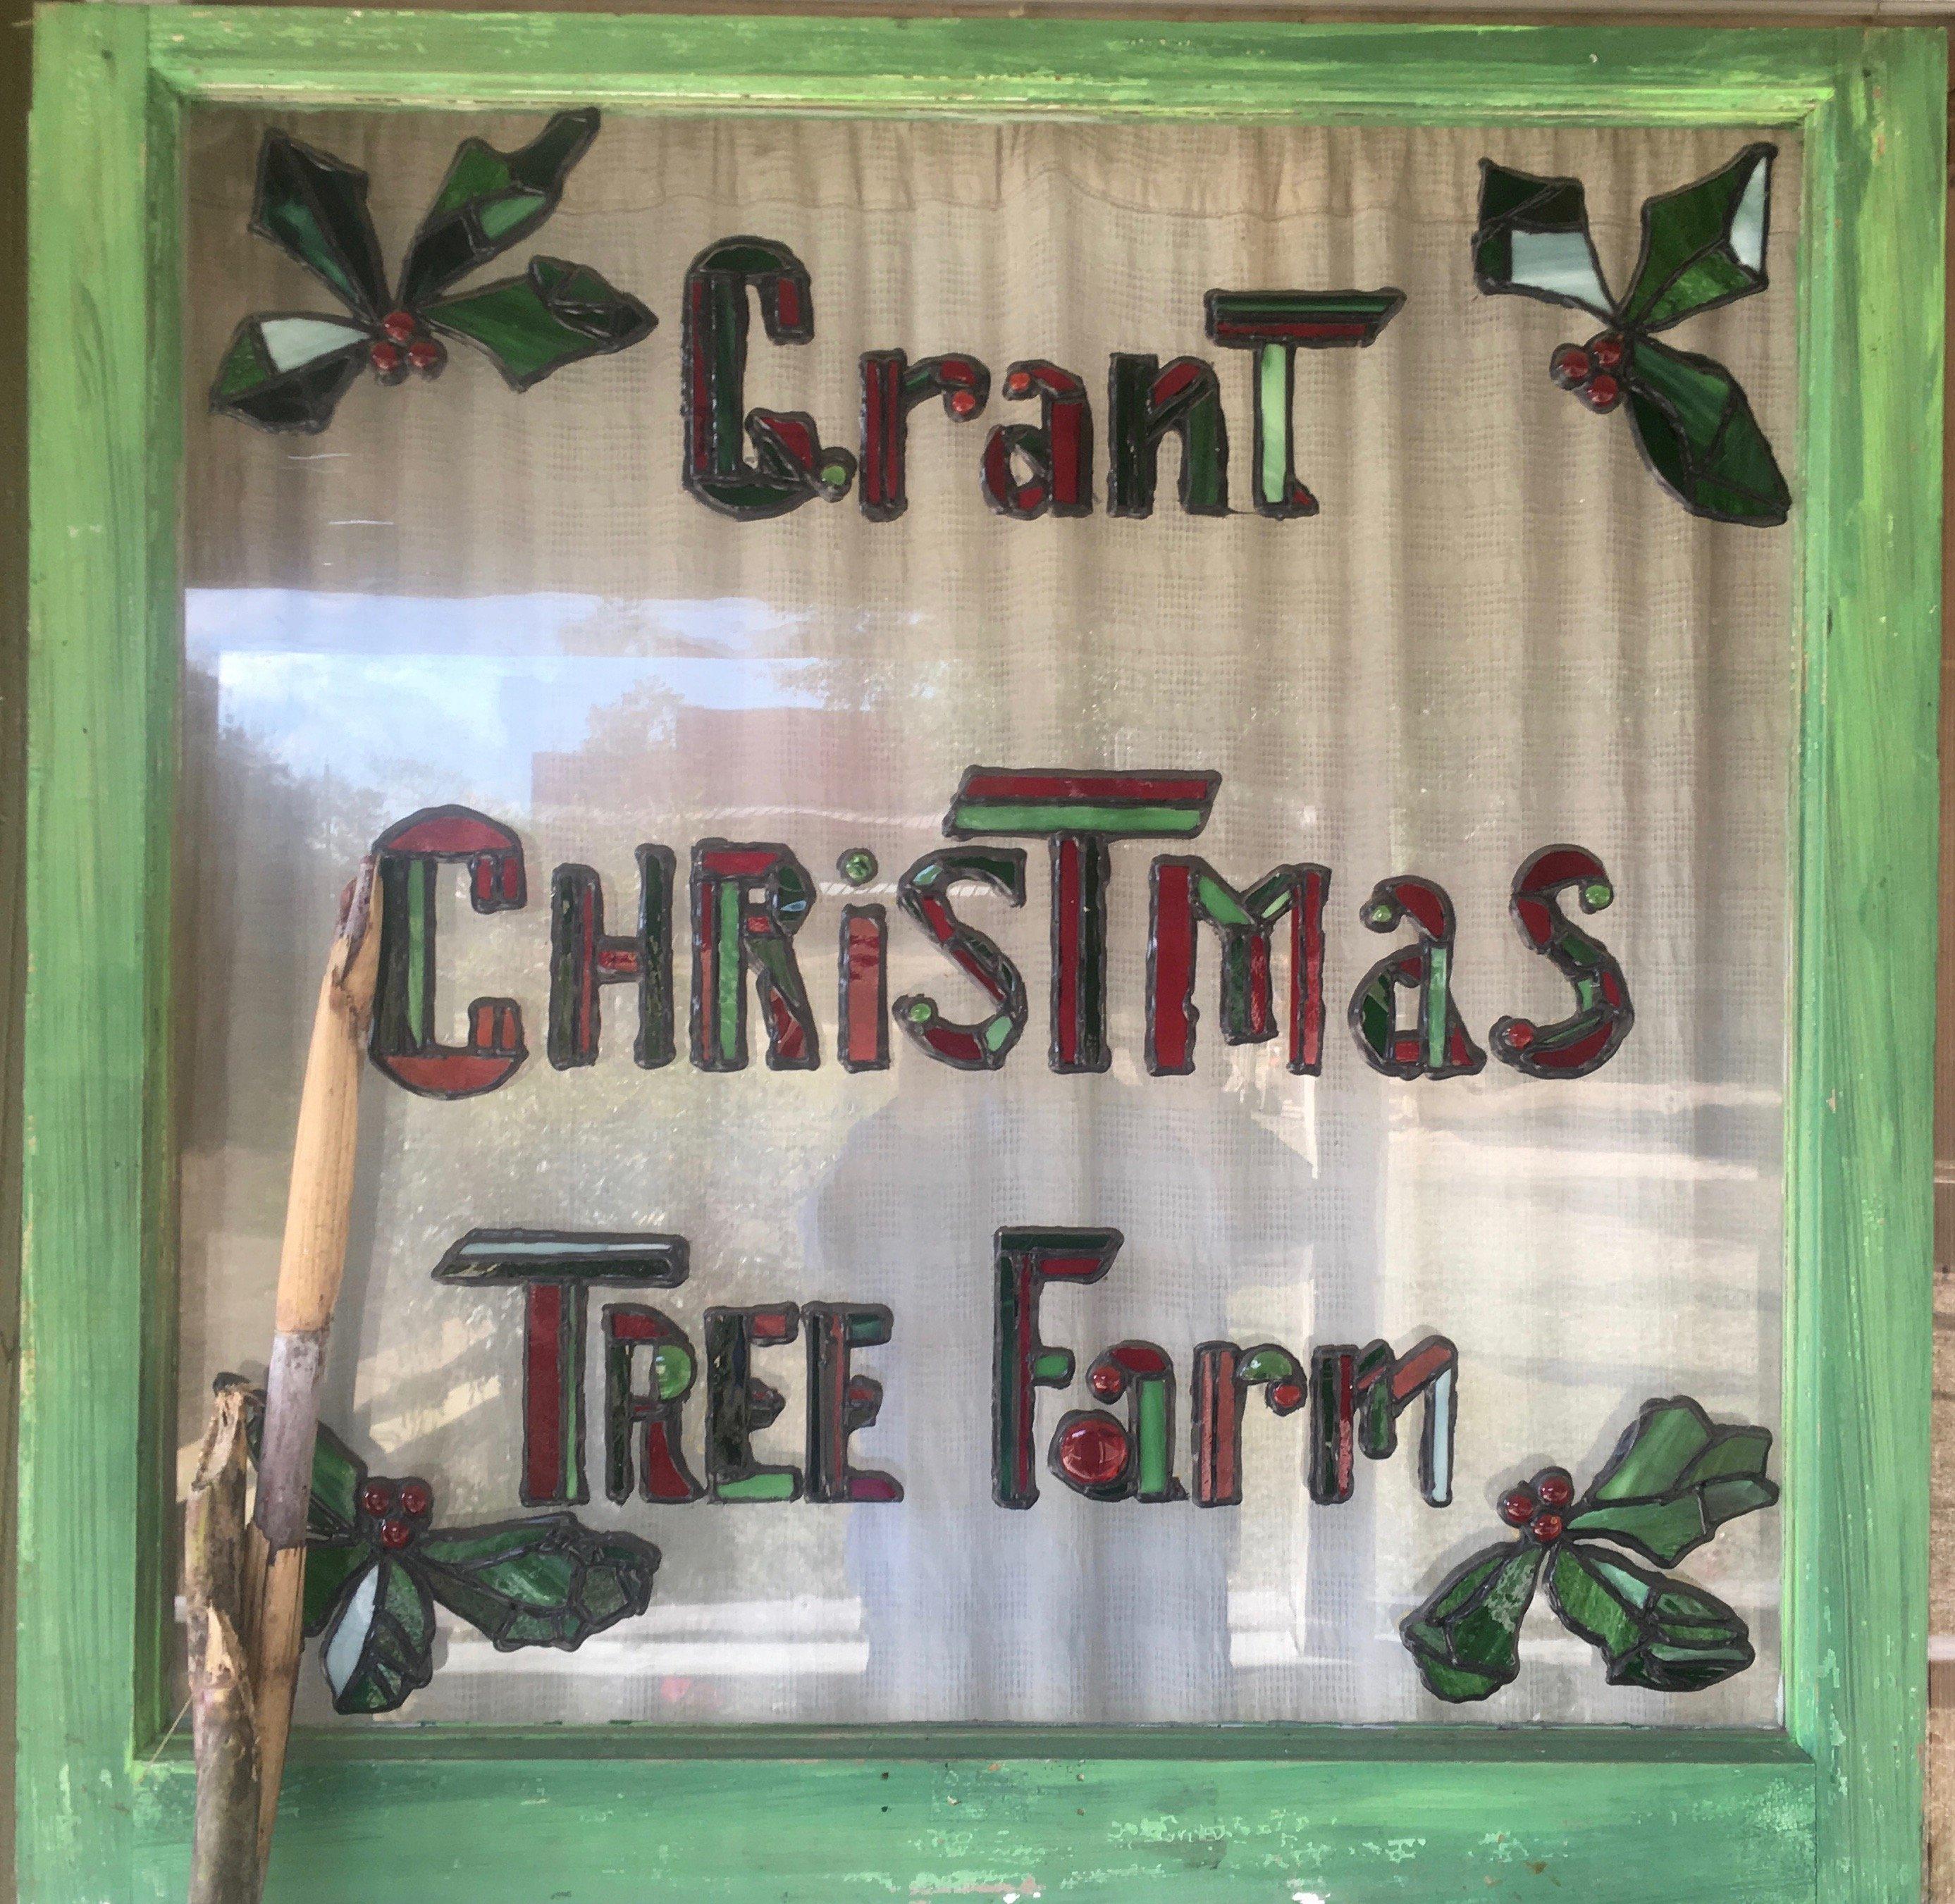 Grant Christmas Tree Farm